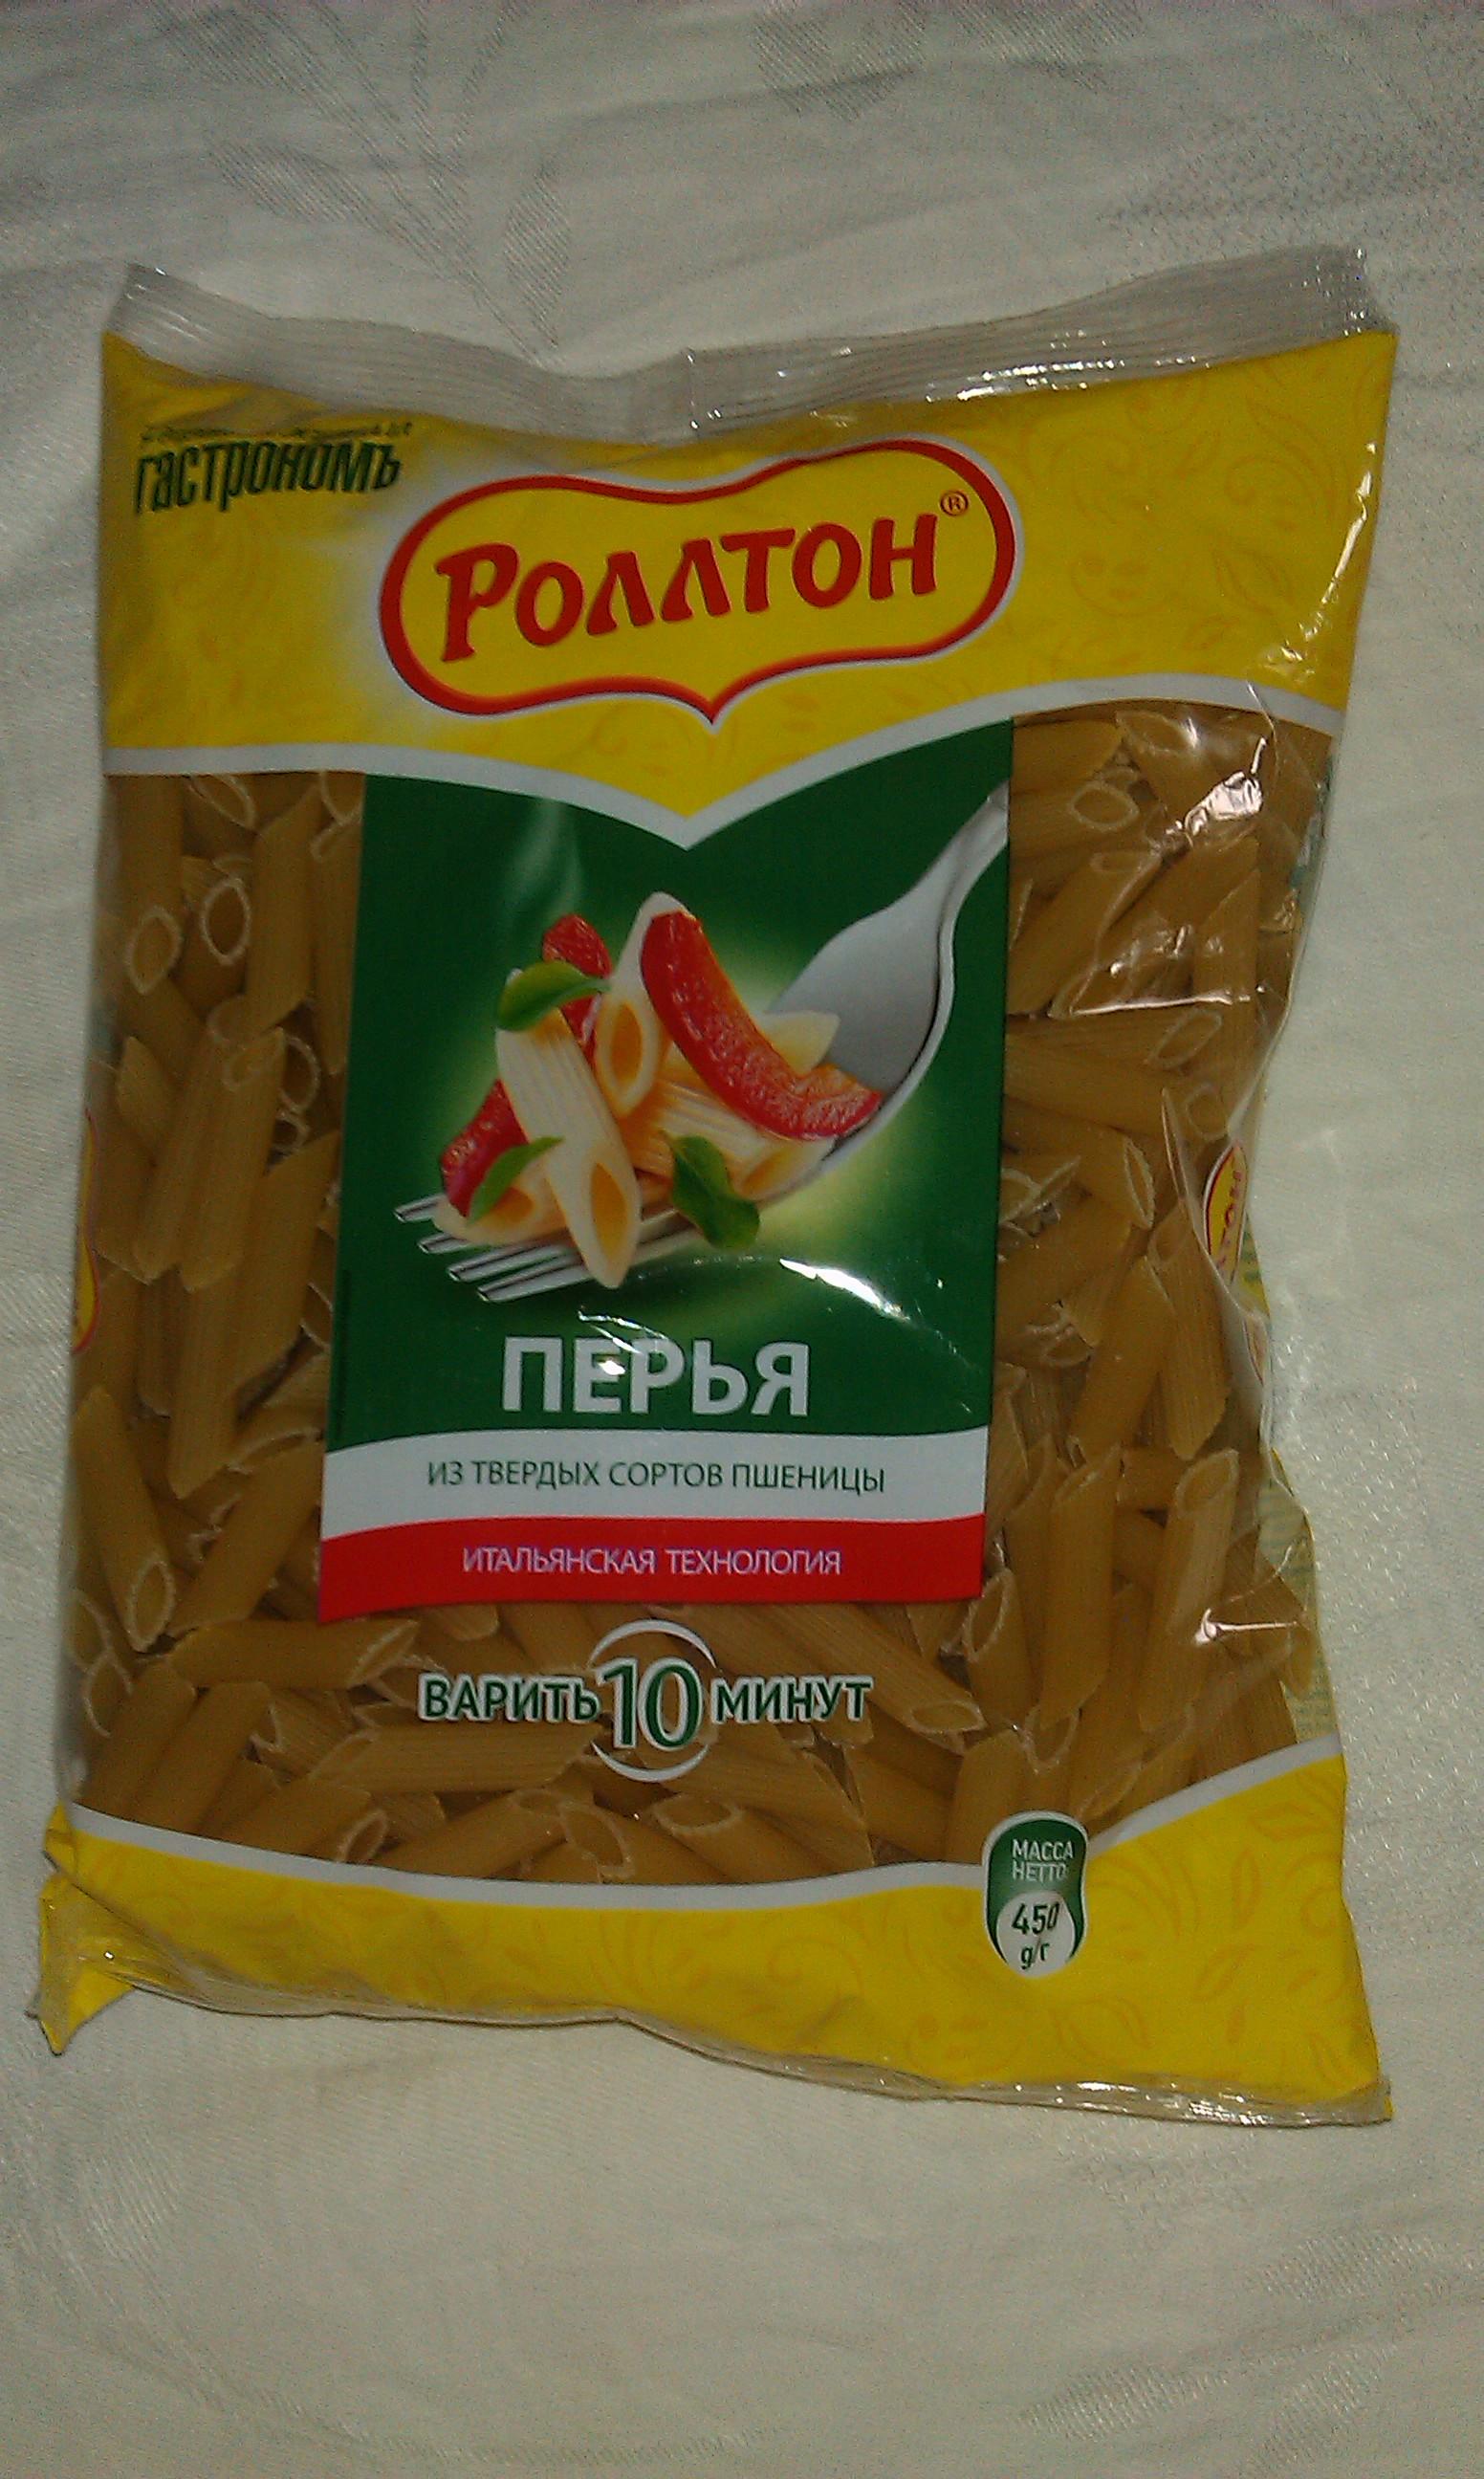 http://images.spasibovsem.ru/catalog/original/izdeliya-makaronnye-rolton-perya-gruppa-a-vysshij-sort-otzyvy-1454407483.jpg